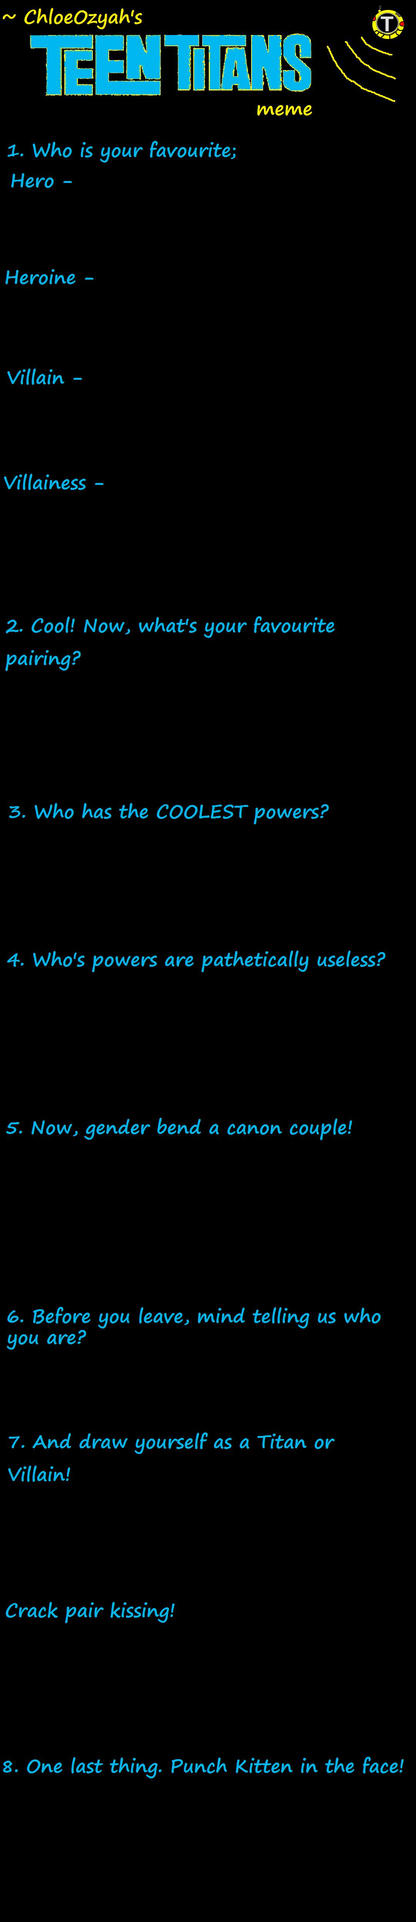 Teen Titans Meme by ChloeOzyah